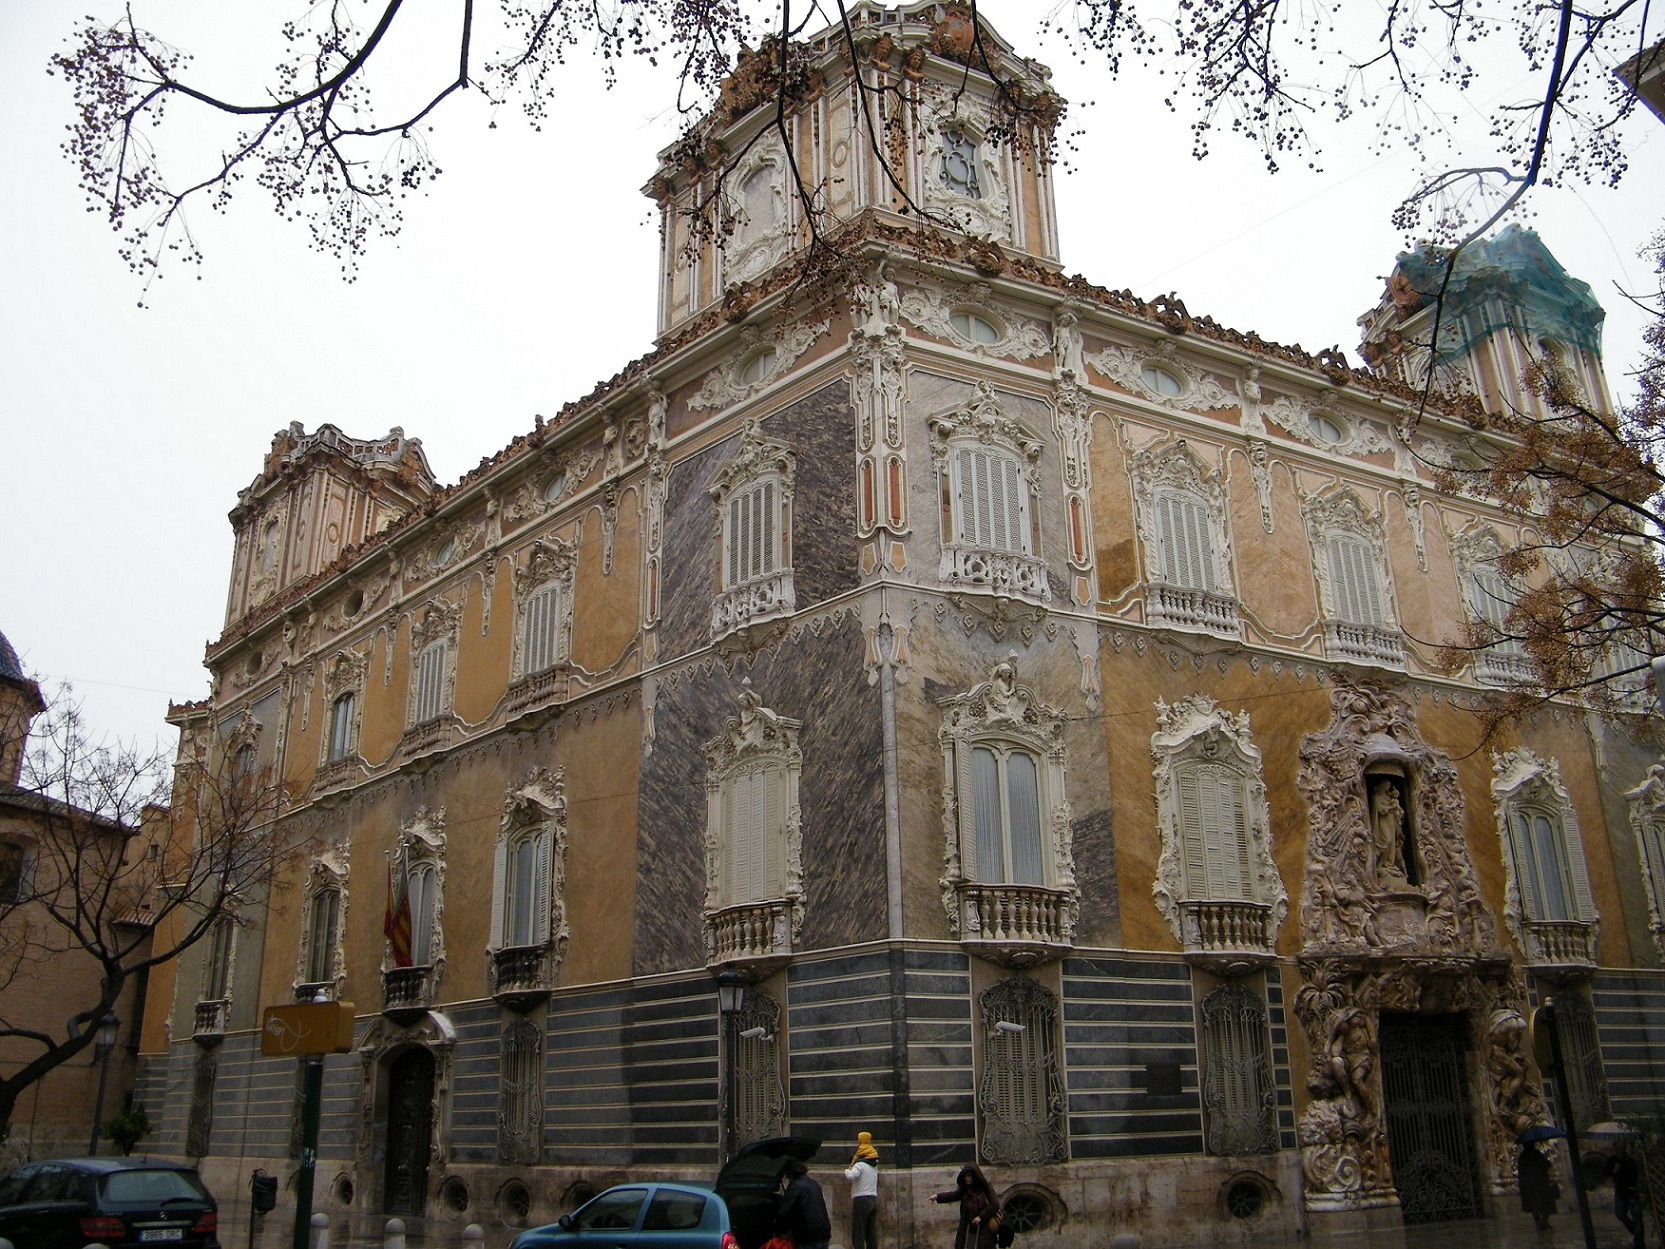 El Palacio del Marqués de Dos Aguas ofrece rutas teatralizadas y conciertos GRATUITOS